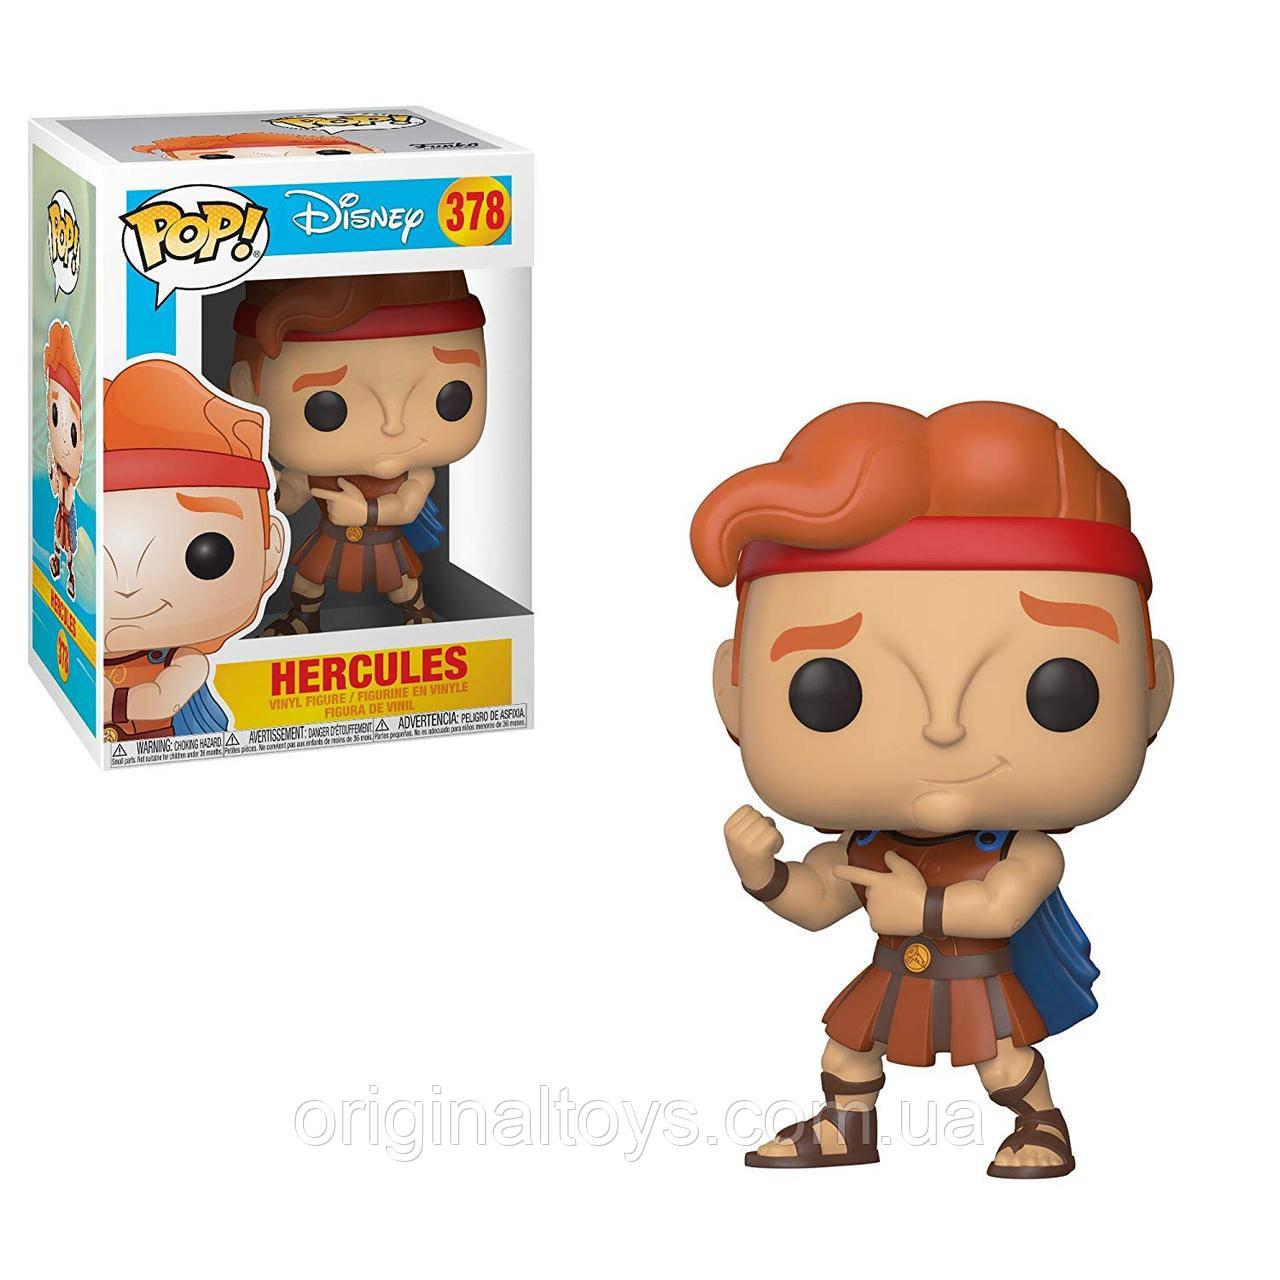 Виниловая фигурка Фанко Поп Funko Pop Disney Геркулес Hercules 378